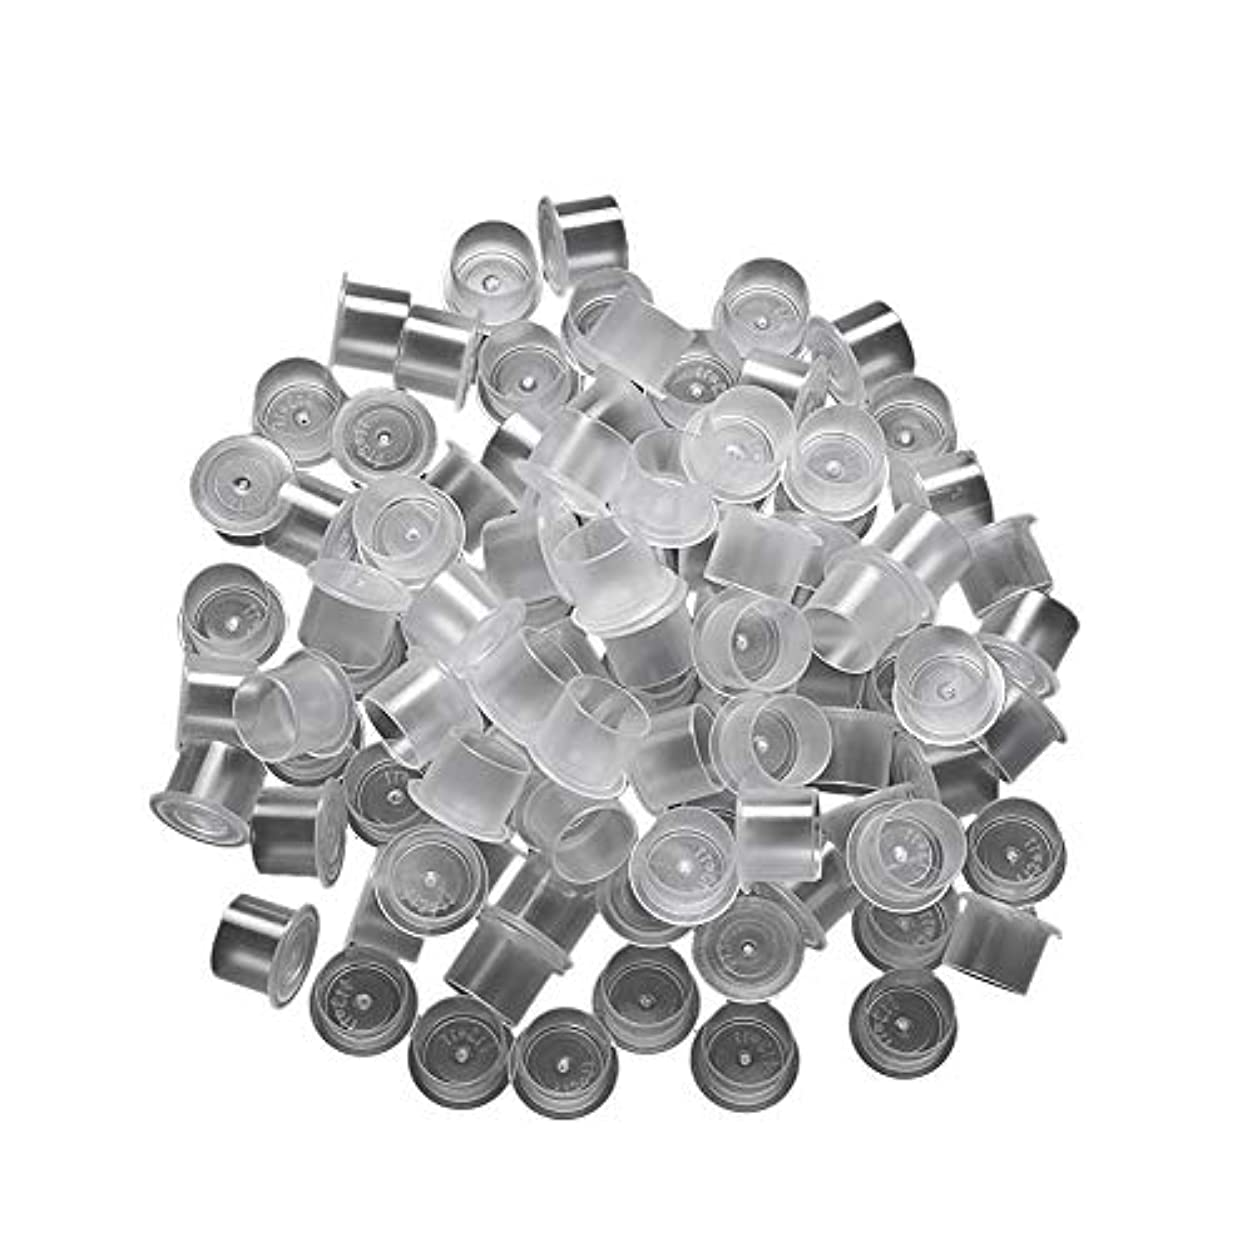 電気技師シフト小道具用品小さいサイズの入れ墨カップキャップ約100個使い捨てインク入れ墨顔料カップカップベース